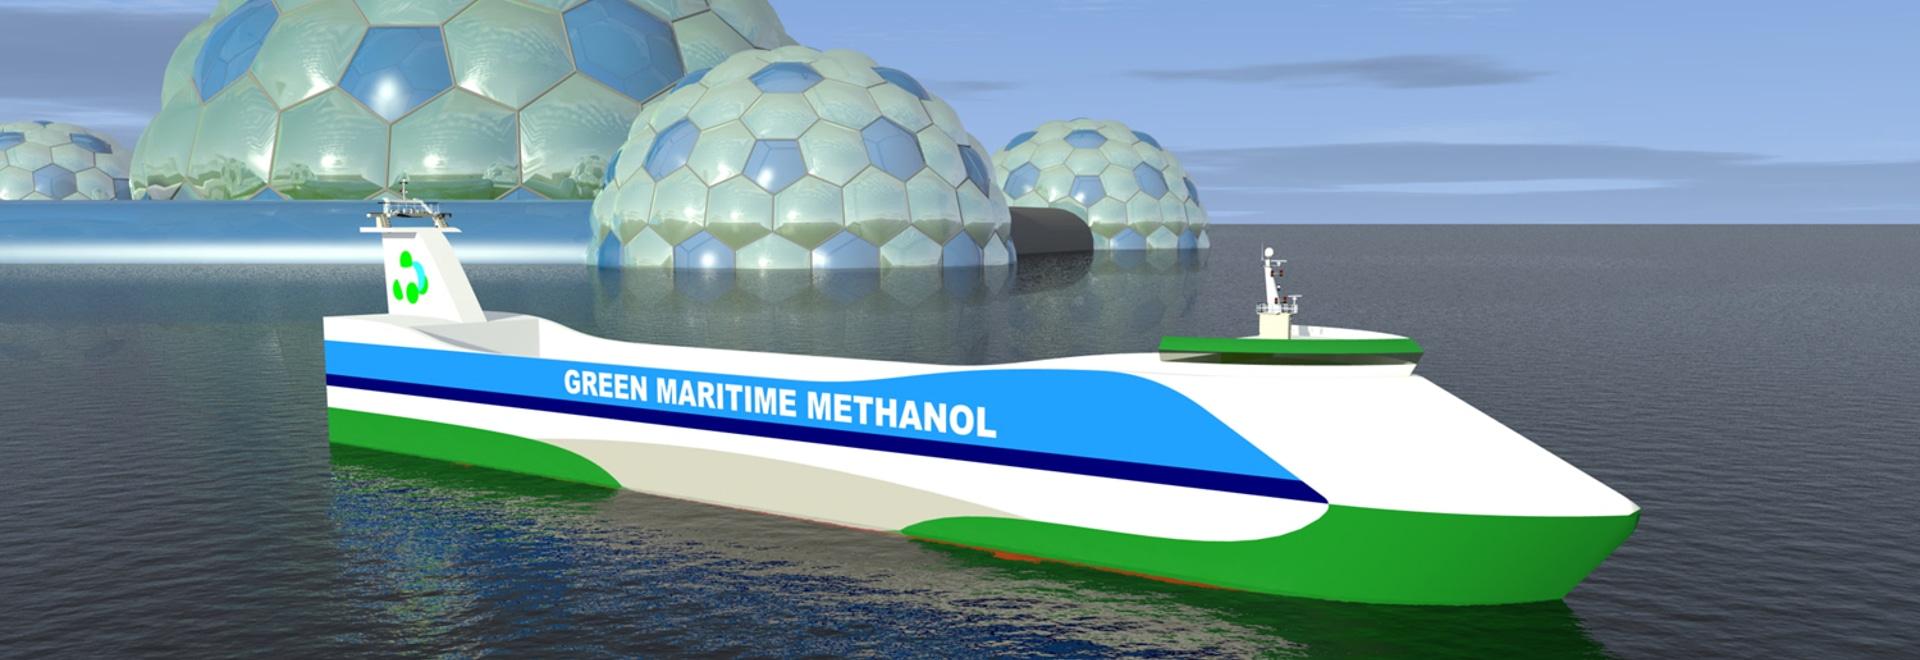 Les chantiers navals néerlandais étudient un combustible de substitution durable